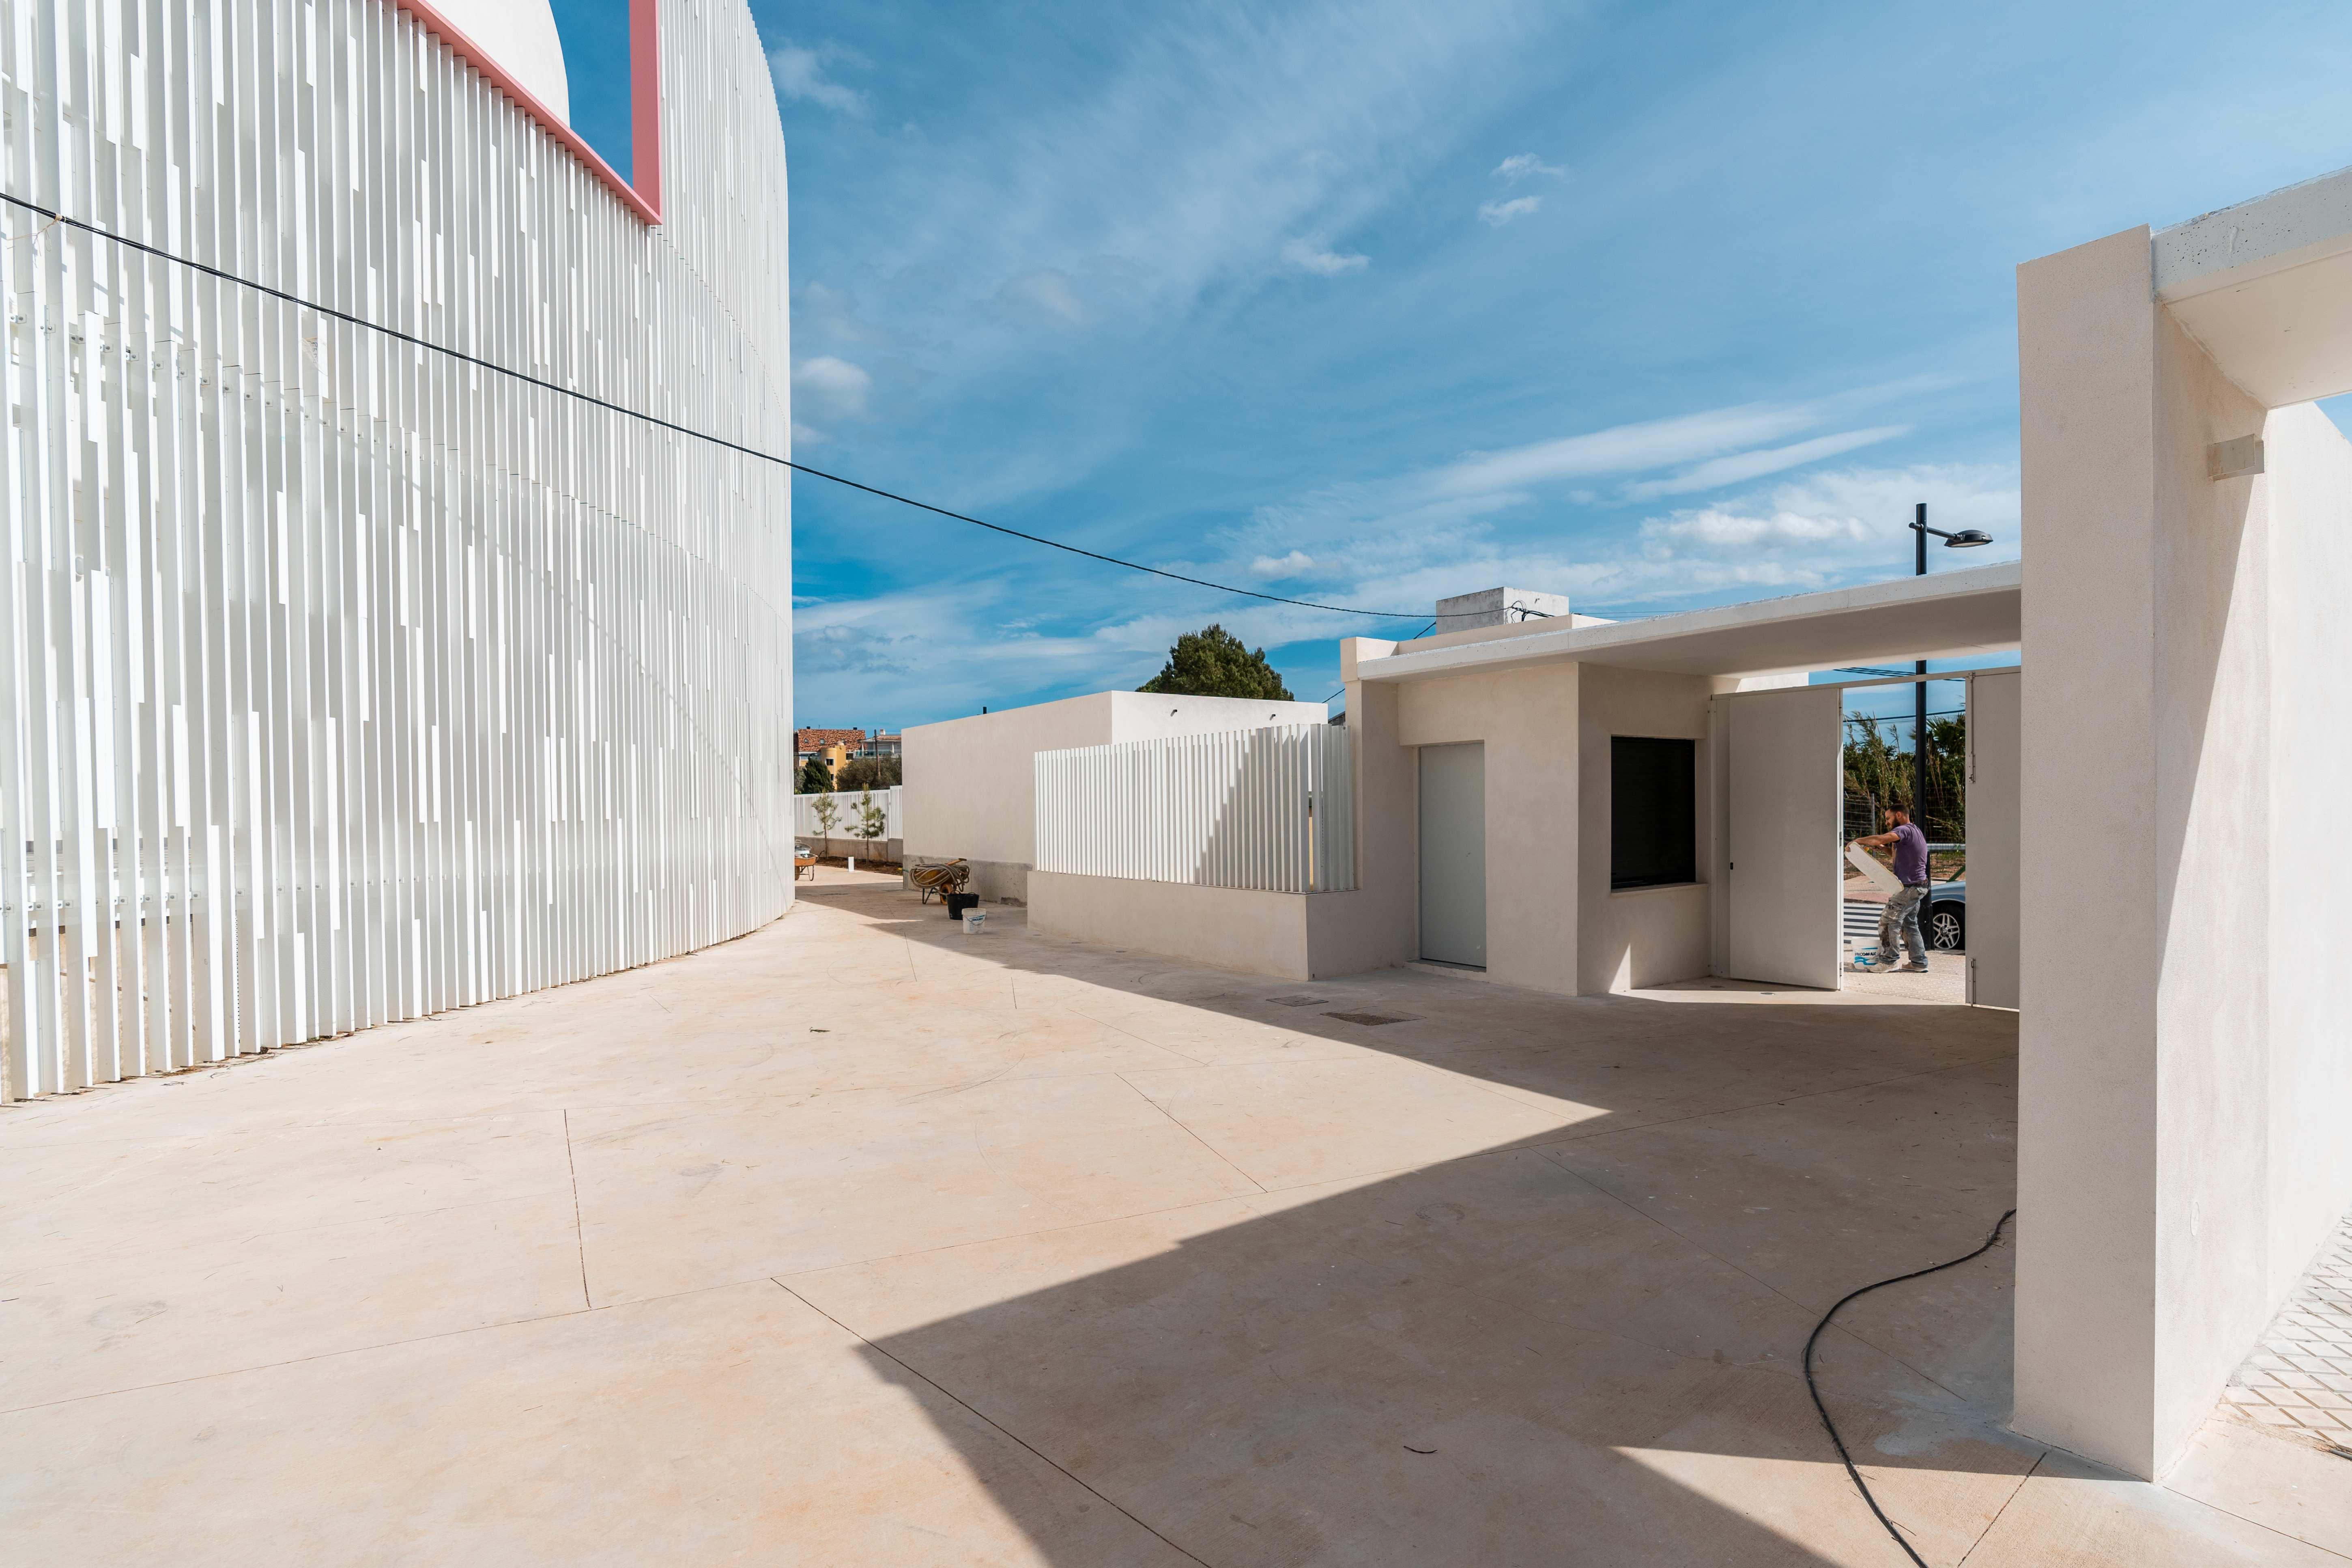 Galerie de photos - 17 - Olea-Home | Real Estate en Orba y Teulada-Moraira |